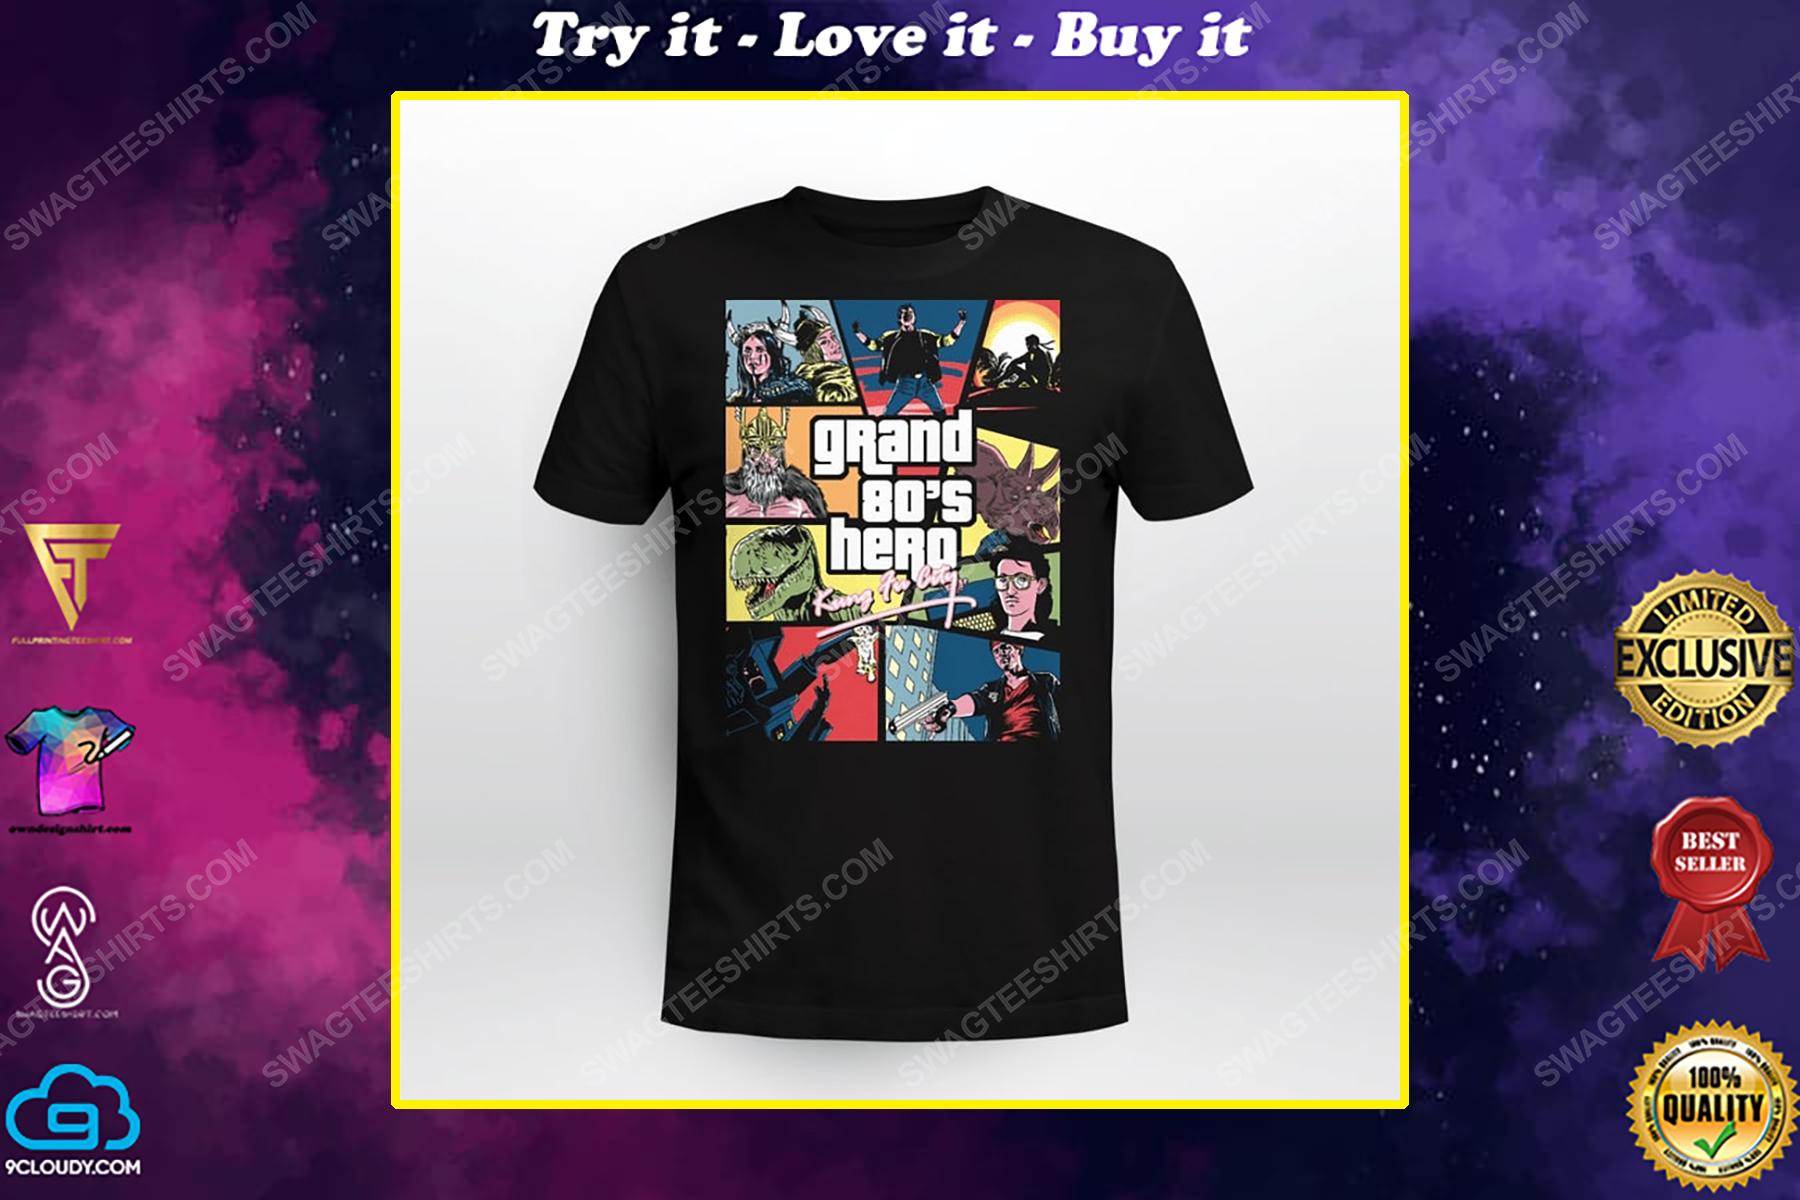 Grand 80's hero kung fu city shirt